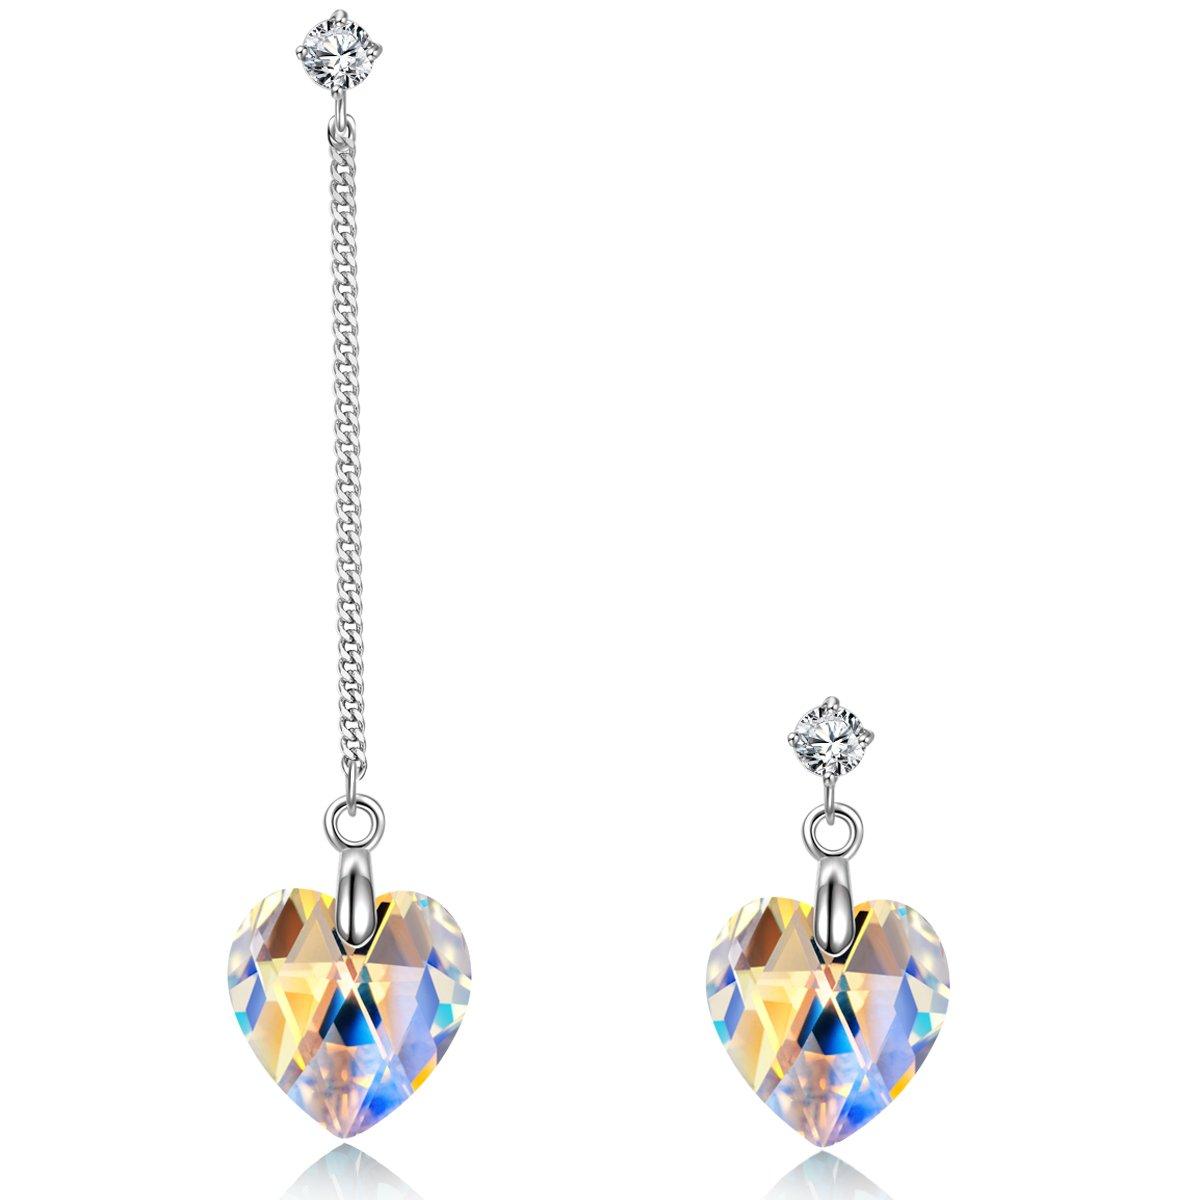 NINASUN Asymmetric Designed Earrings Glaring Love 925 Sterling Silver Drop Dangle Earrings Fine Jewelry for Women NINASUN Fine Jewelry NSE5667BD